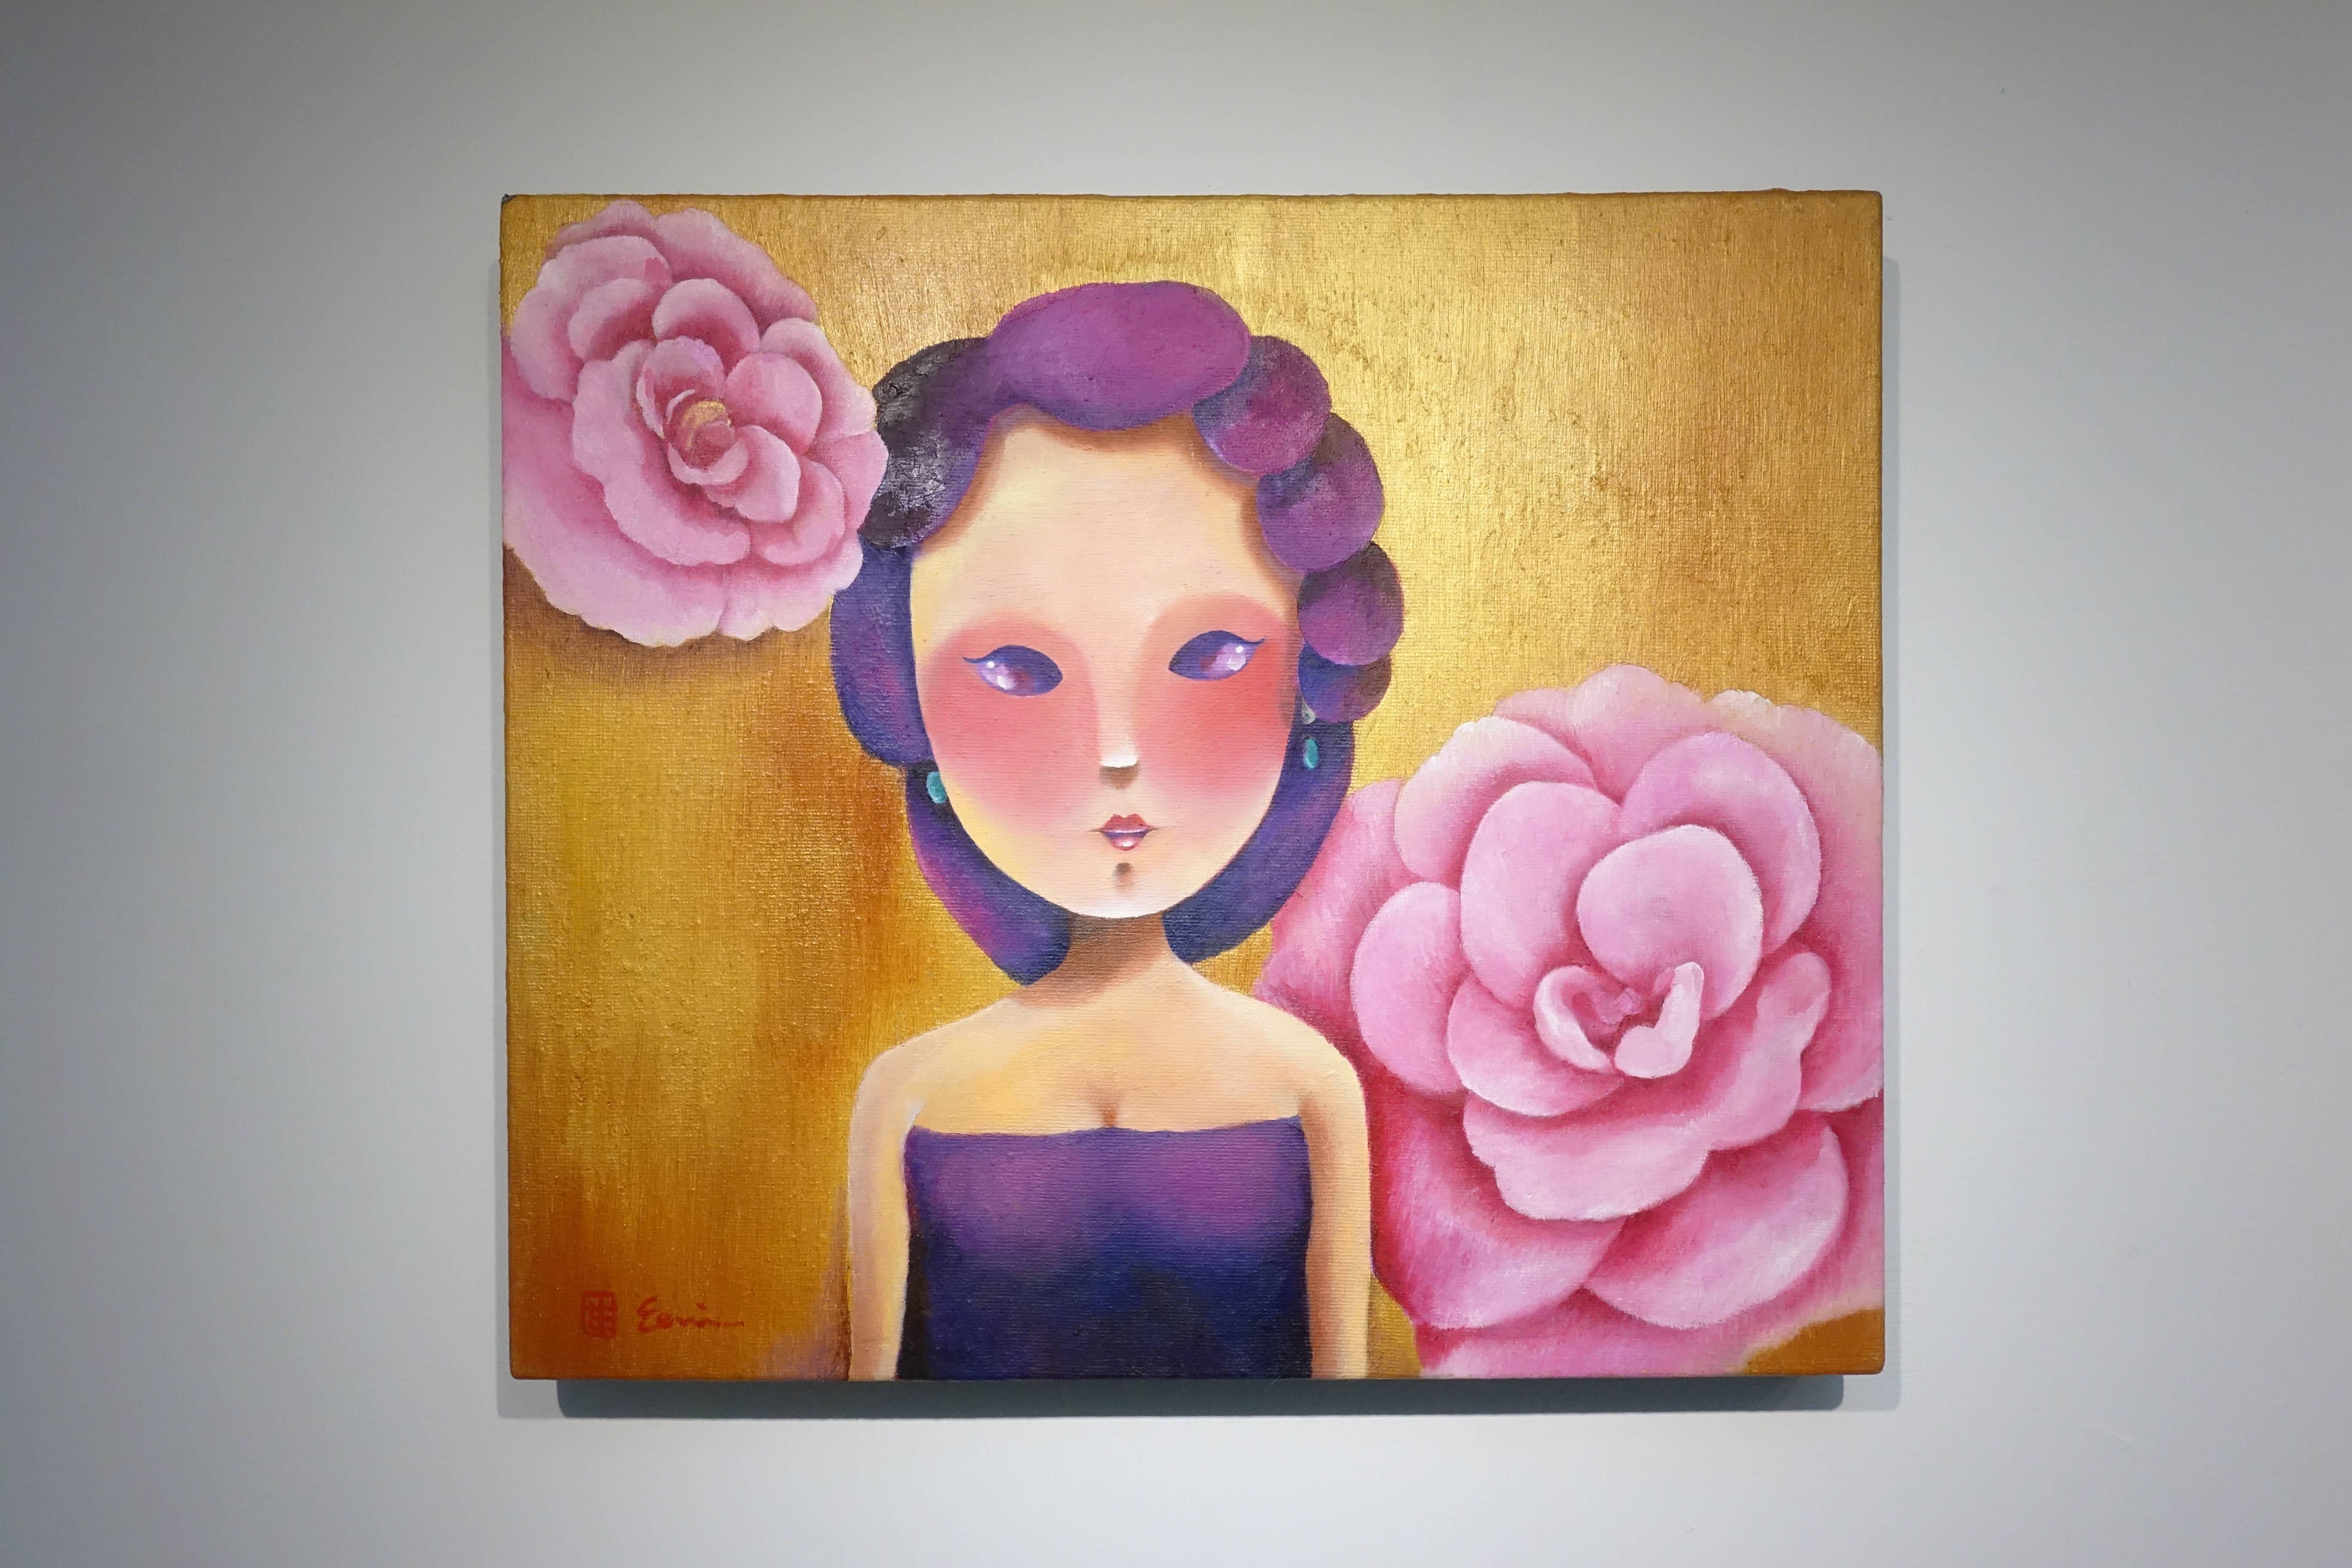 東明相,《我有一個夢(老娘NO.25)》,油畫,2018。